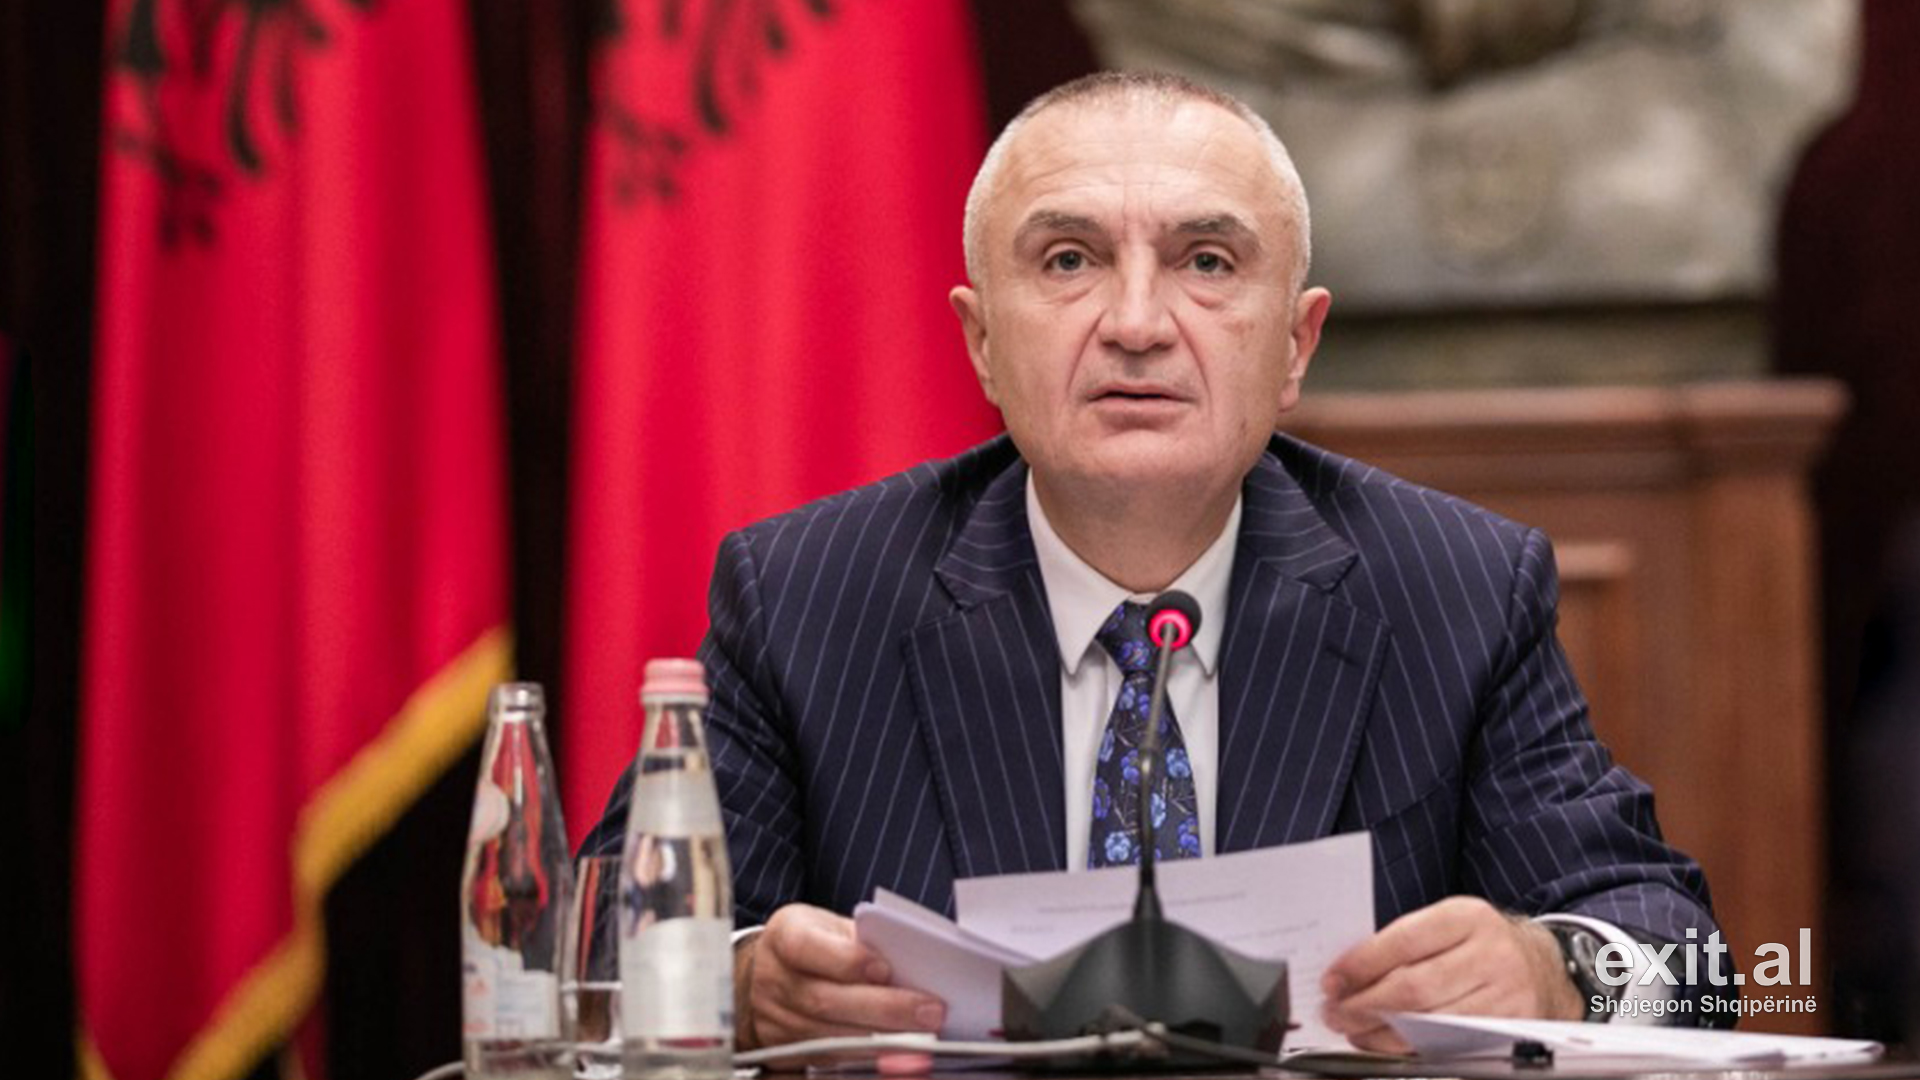 Presidenti Meta kërkon referendum për ndryshimet kushtetuese